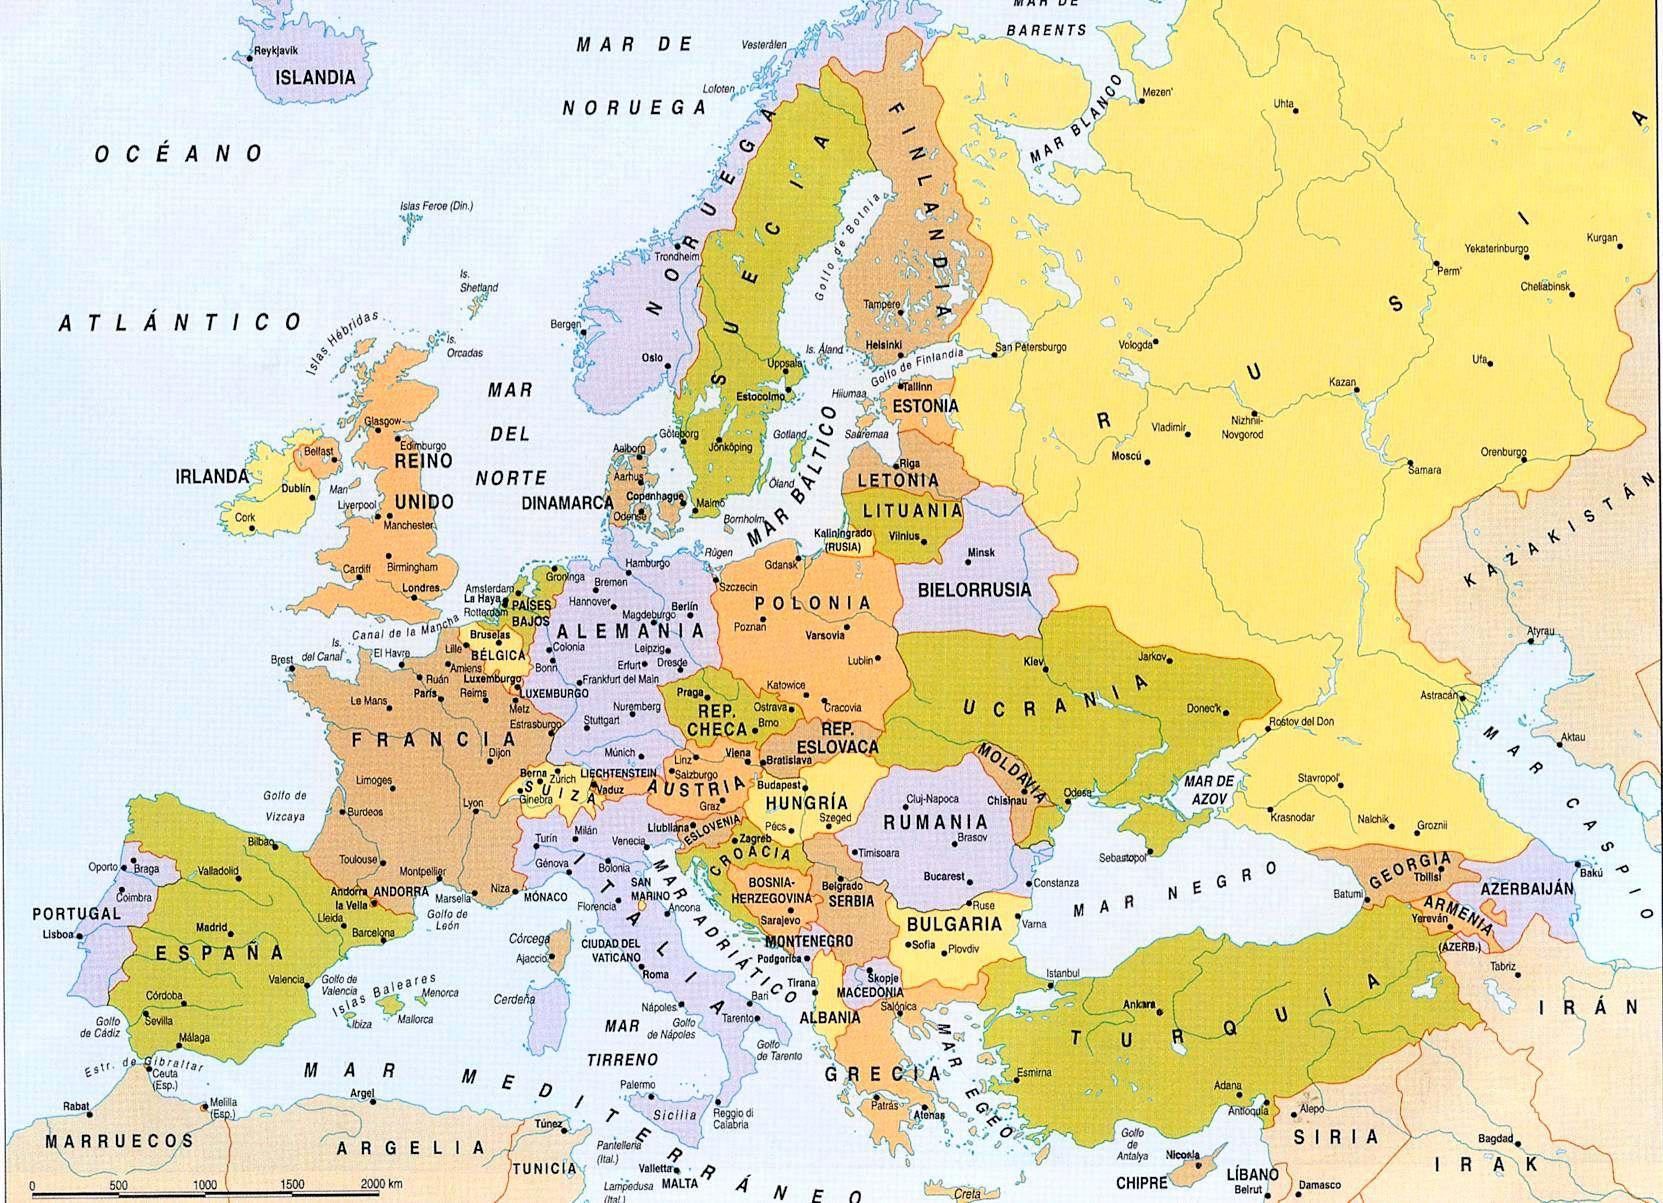 Mapa Politico de Europa Grande Con Breve Descripcin Geografica